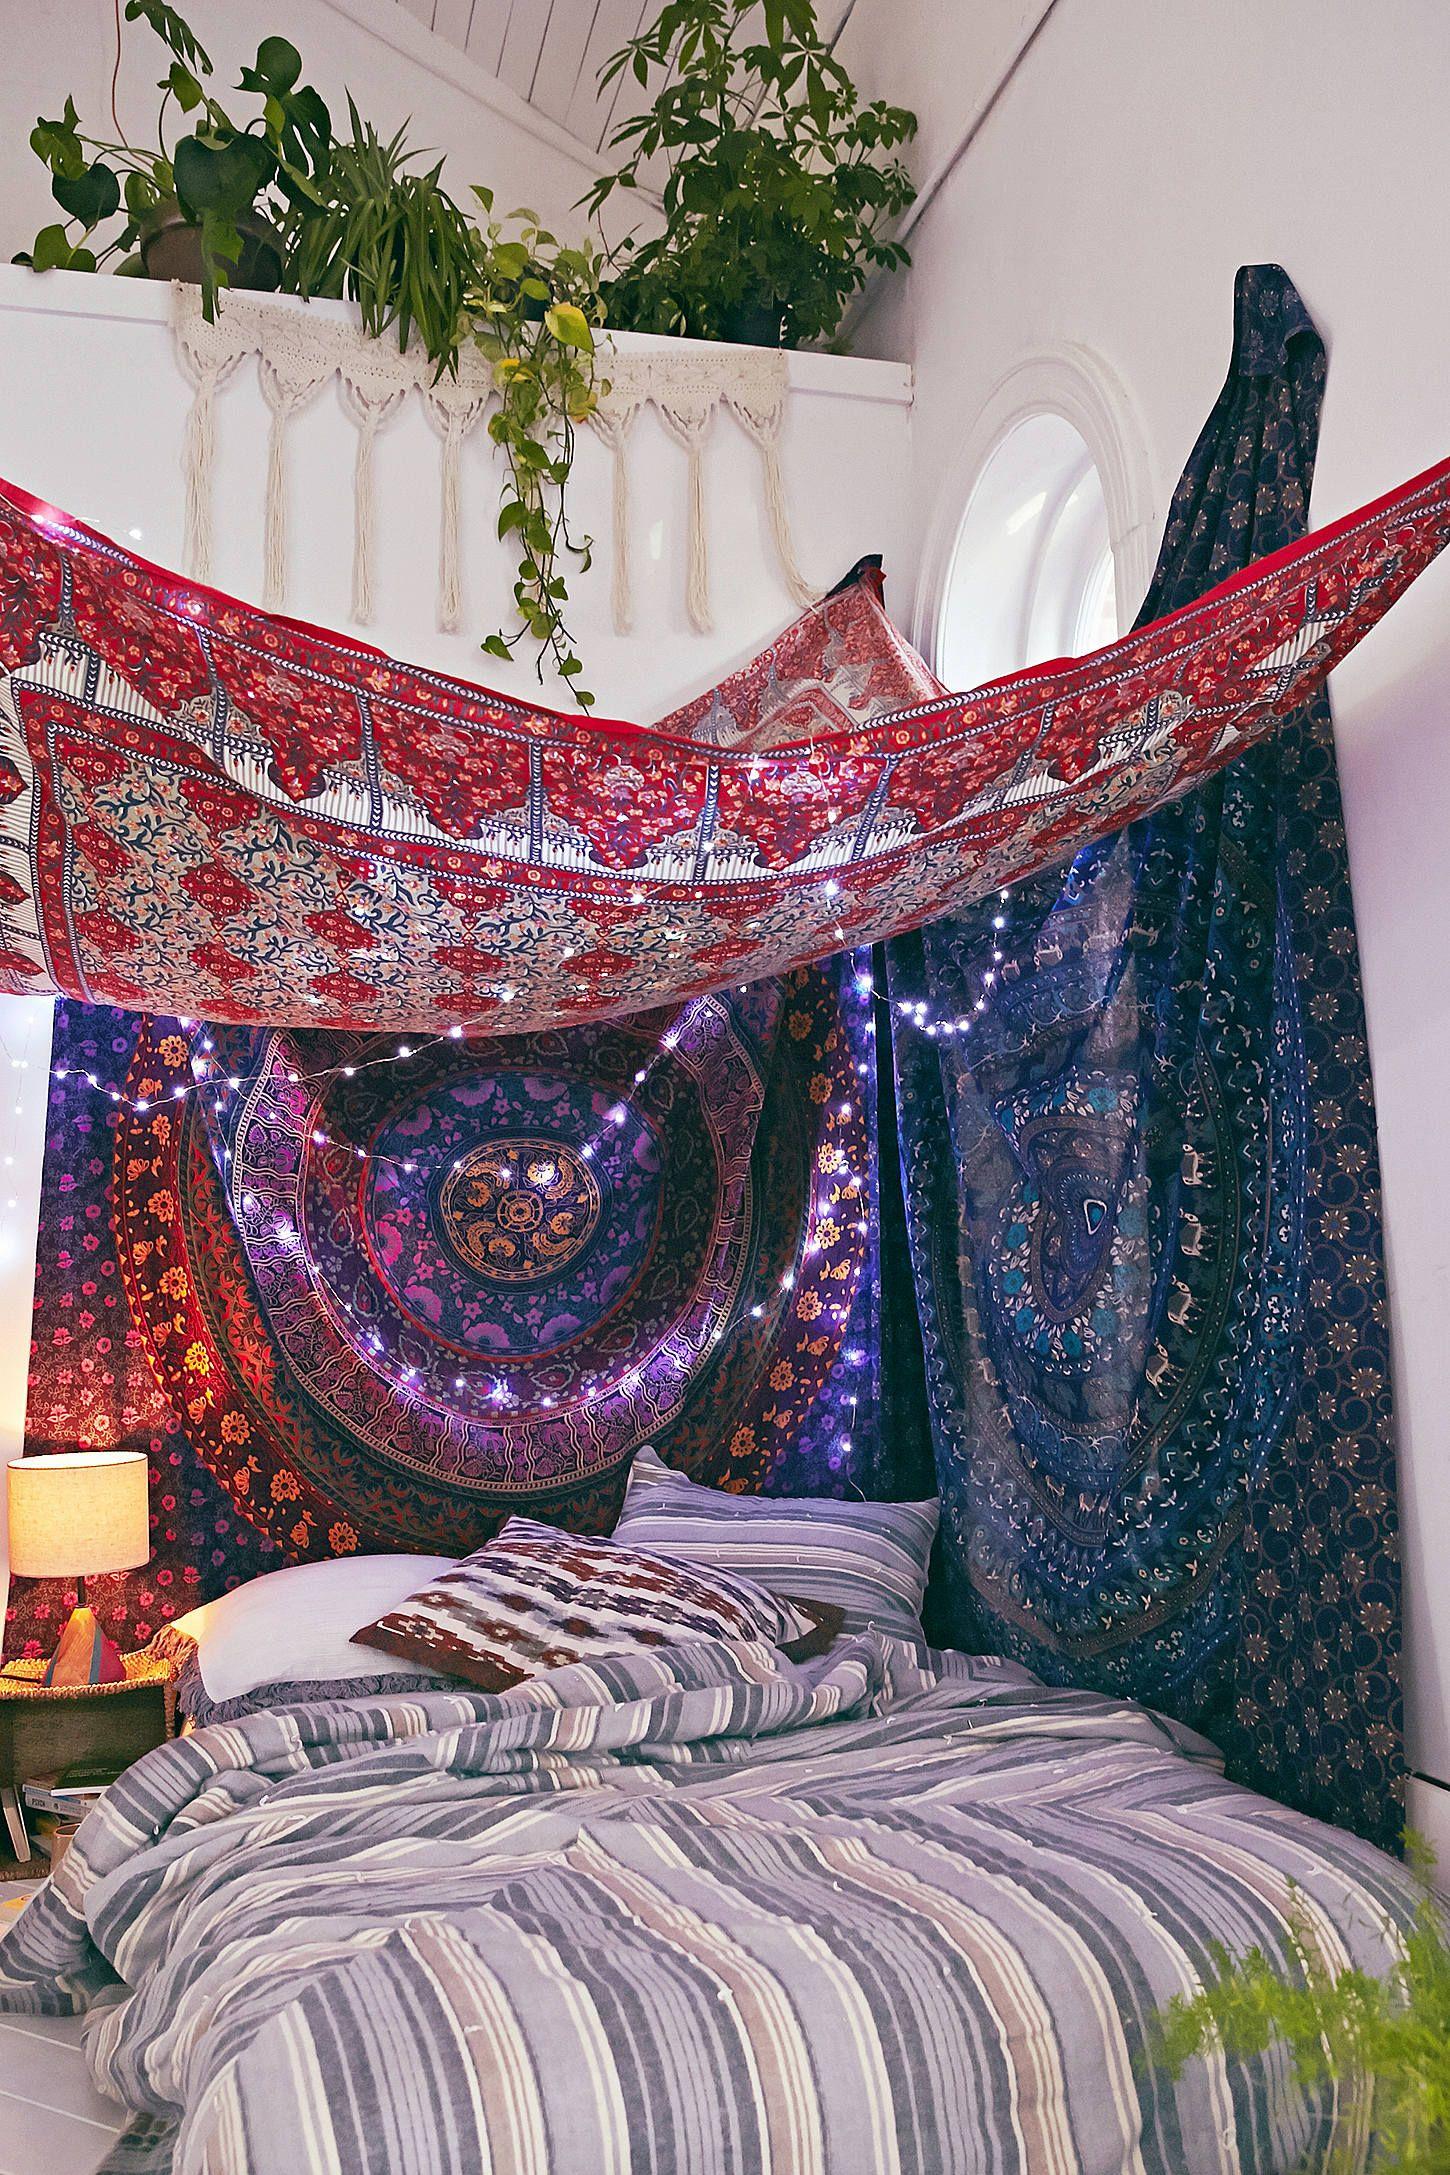 appealing plum bedroom decor   Plum & Bow Medallion Tapestry in 2019   Room decor, Boho ...